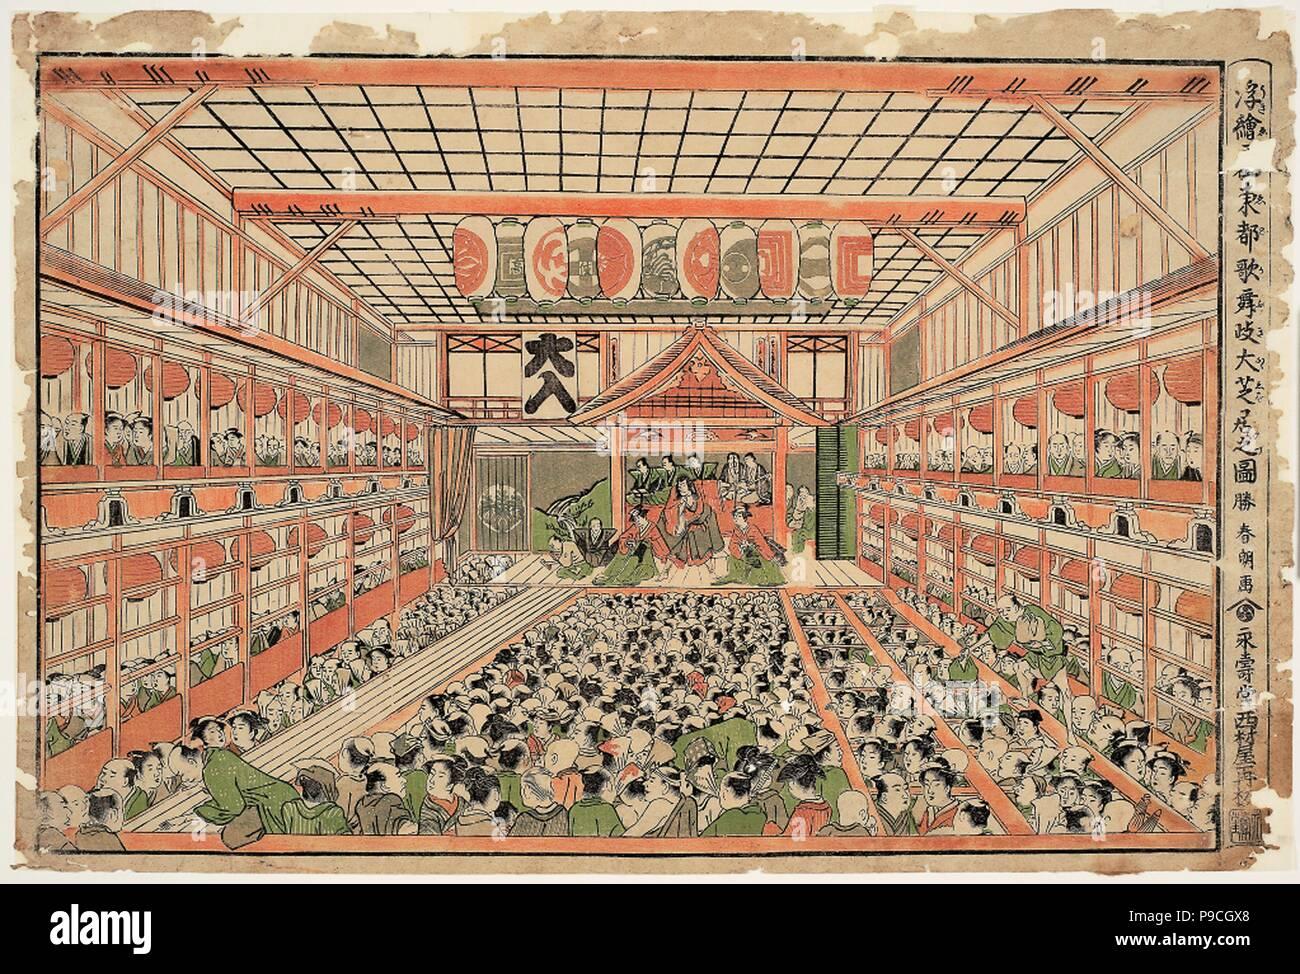 Ukiyo Stock Photos & Ukiyo Stock Images - Page 4 - Alamy